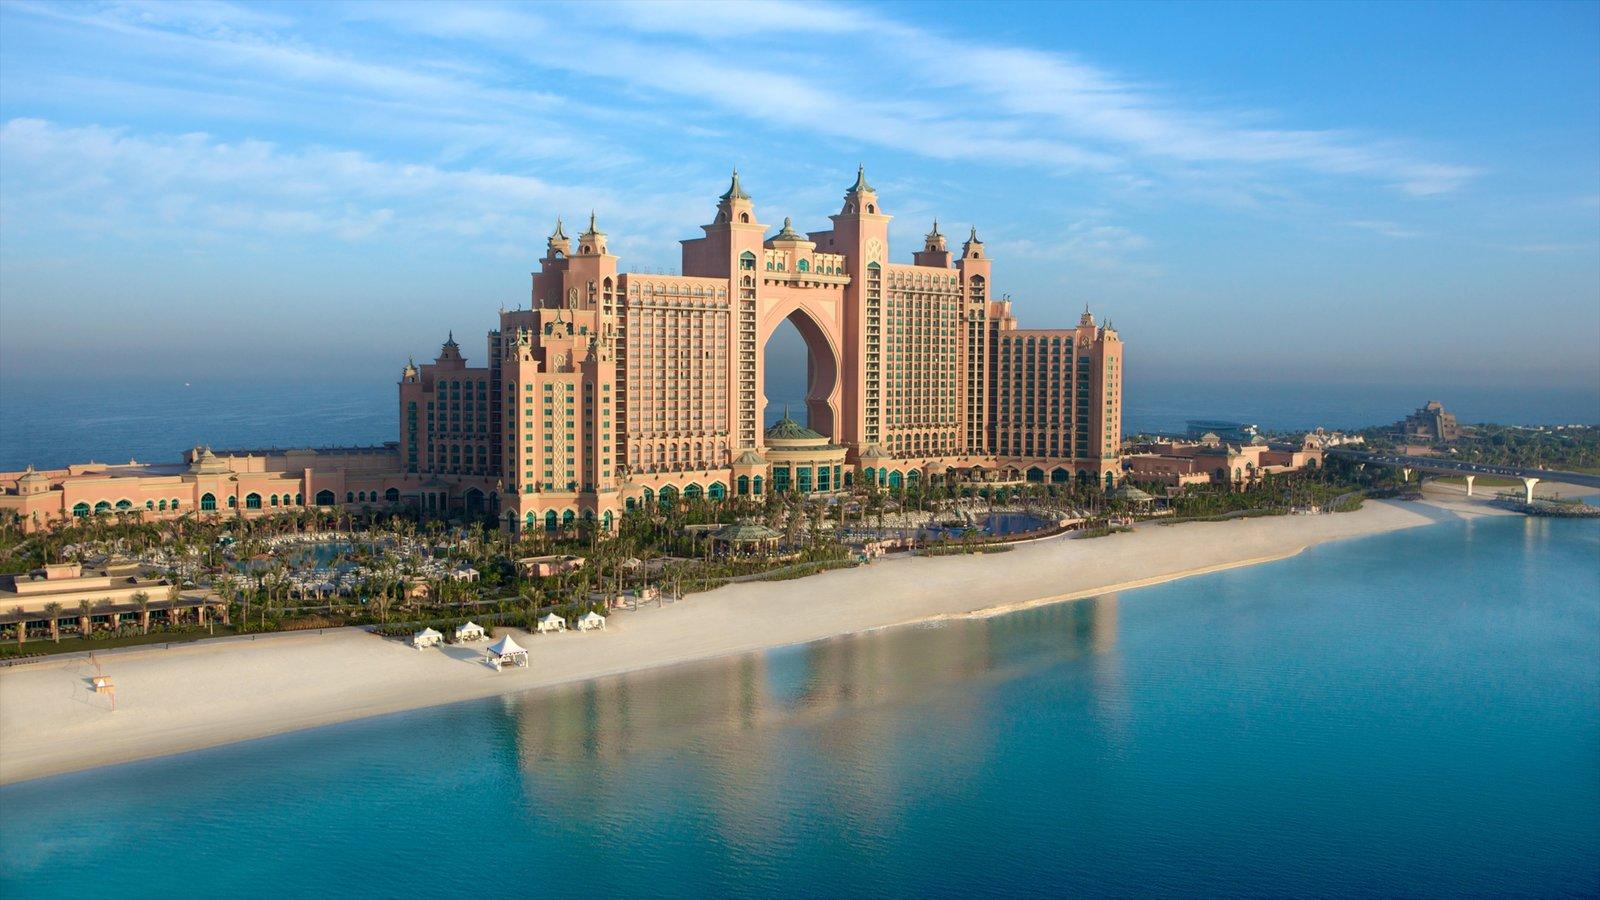 Emirato de Dubái ofreciendo un hotel o resort de lujo, vistas generales de la costa y arquitectura moderna